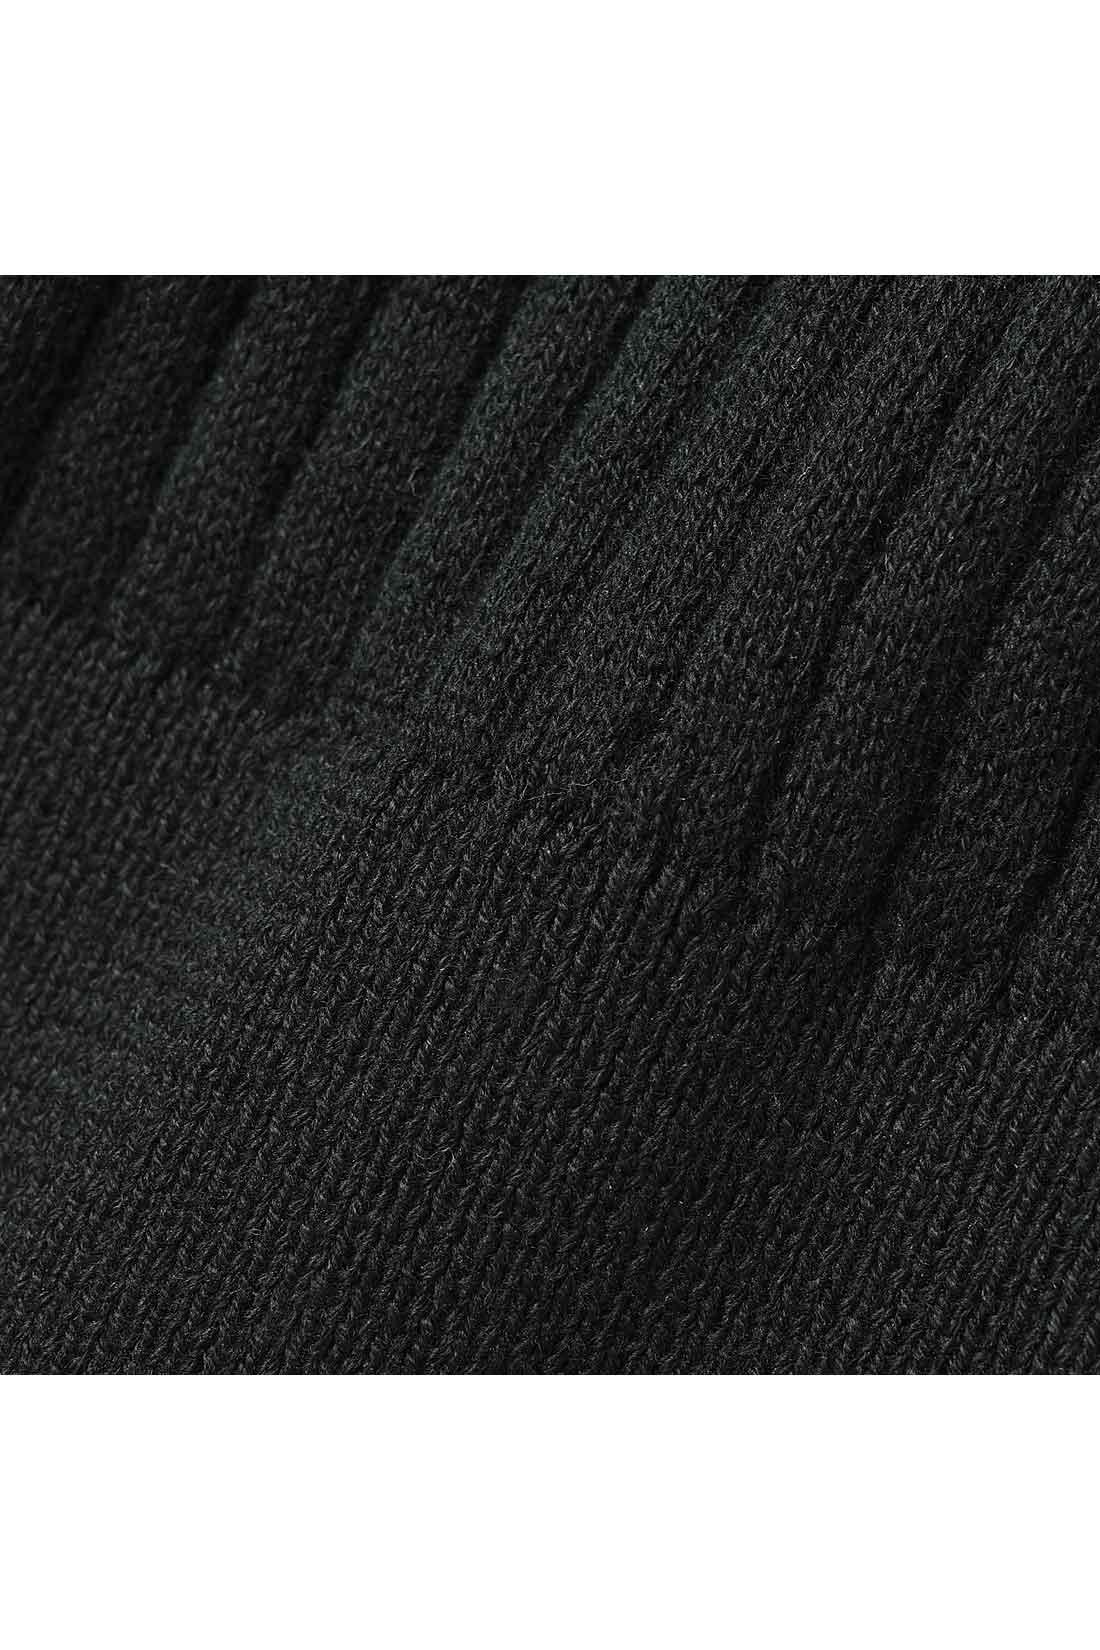 繊細な雰囲気のやわらかな綿100%リブが大人顔。